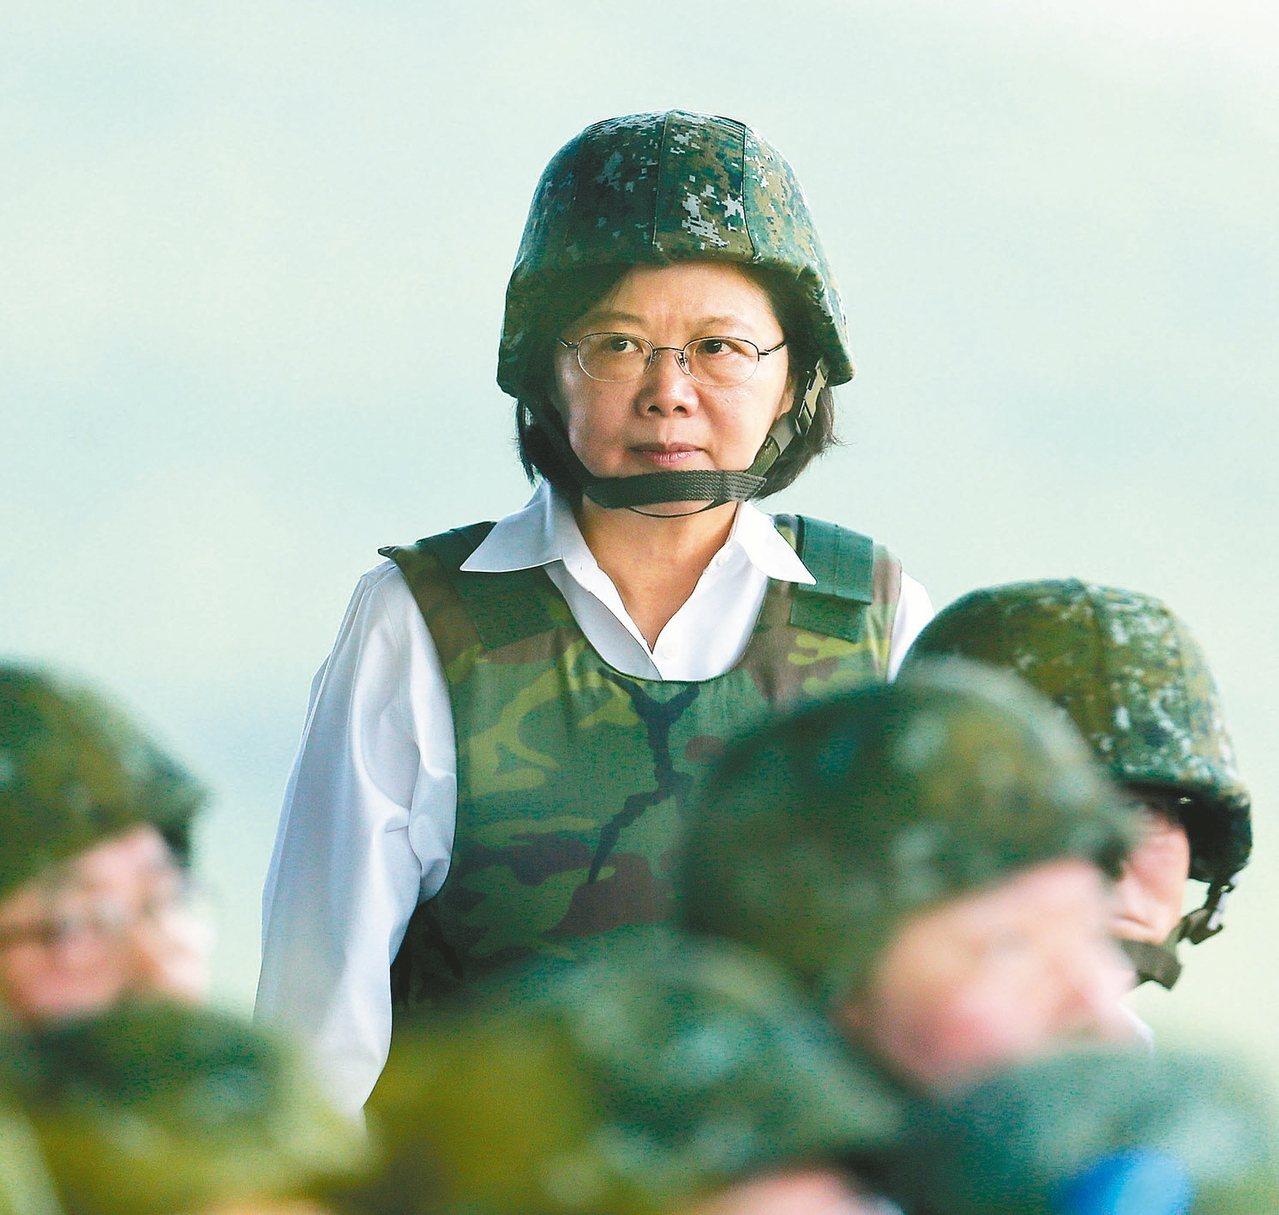 蔡英文總統將密集出席三場重要軍事活動,包括她就職周年前後,親自到澎湖校閱漢光33...